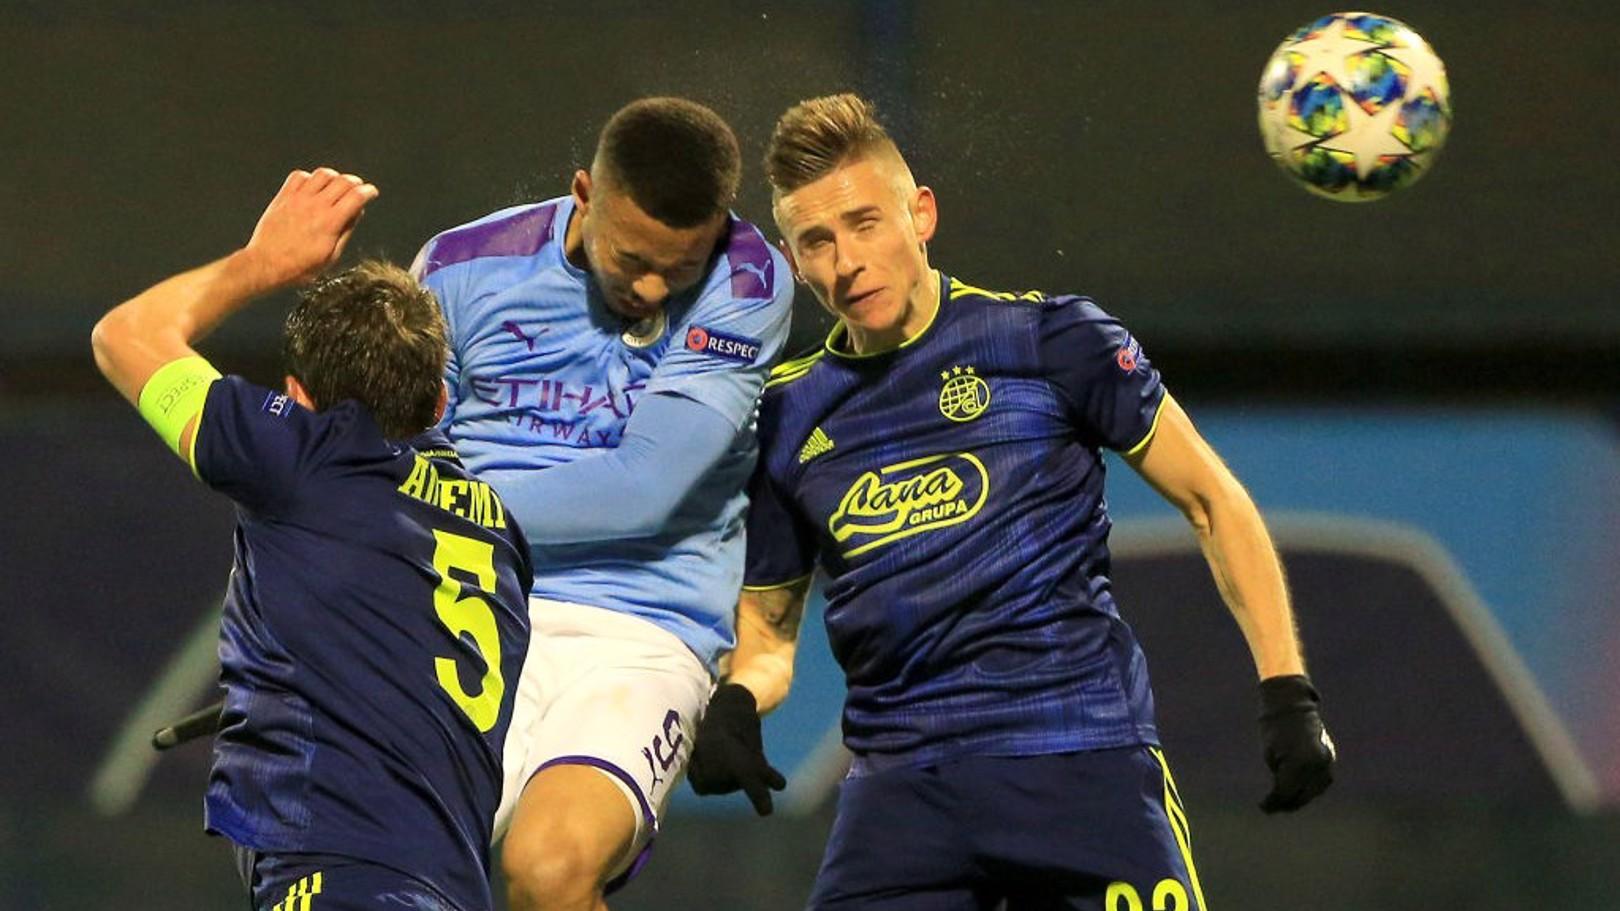 디나모 자그레브와의 경기에서 맨체스터 시티에 동점골을 만들어 줬던 가브리엘 제주스